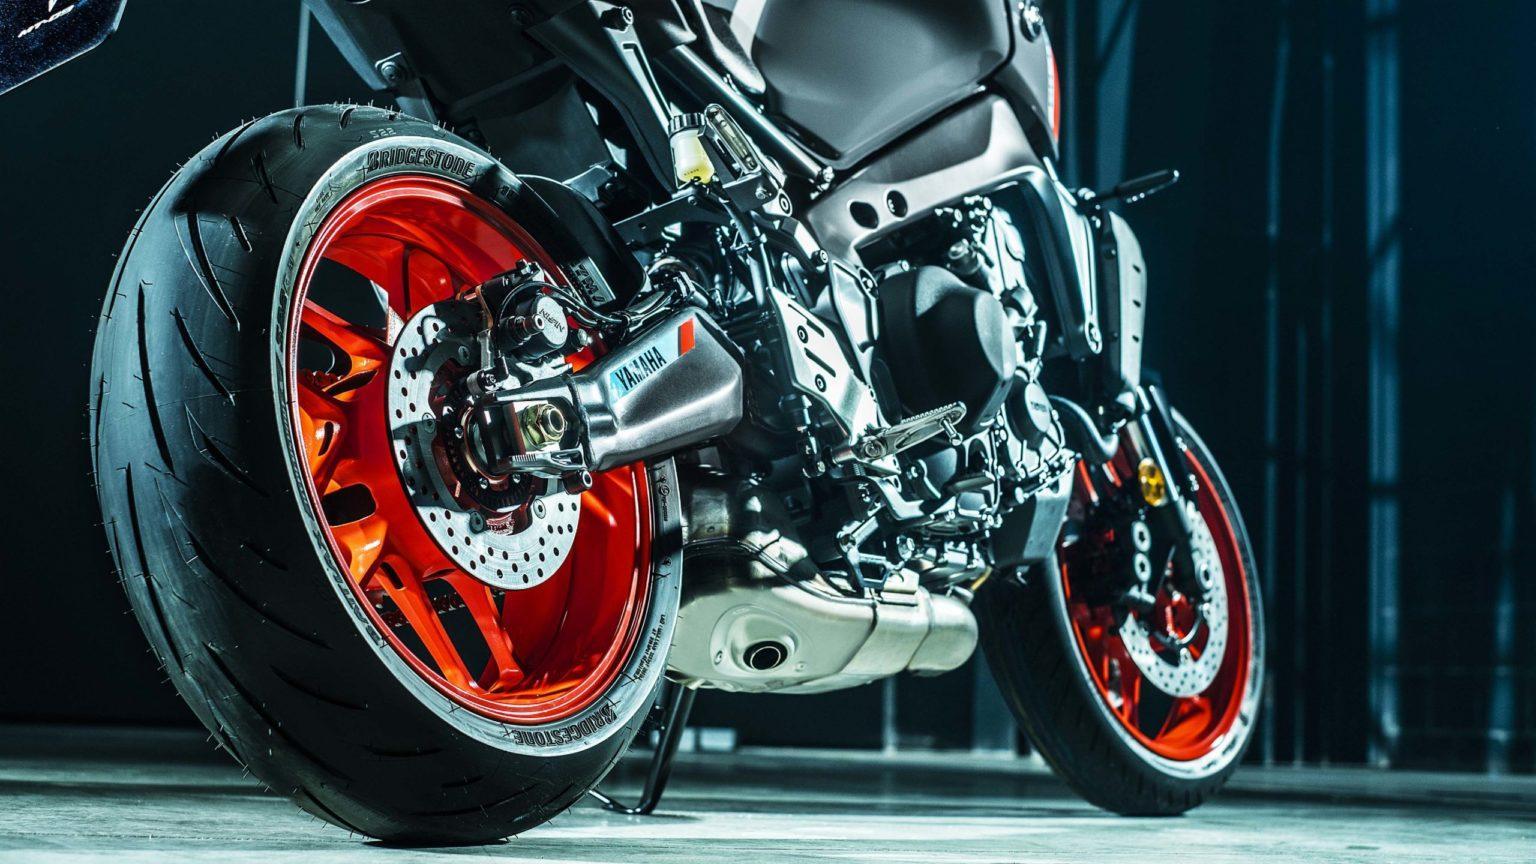 Для заводской комплектации новых мотоциклов Yamaha MT-09 выбраны шины Bridgestone